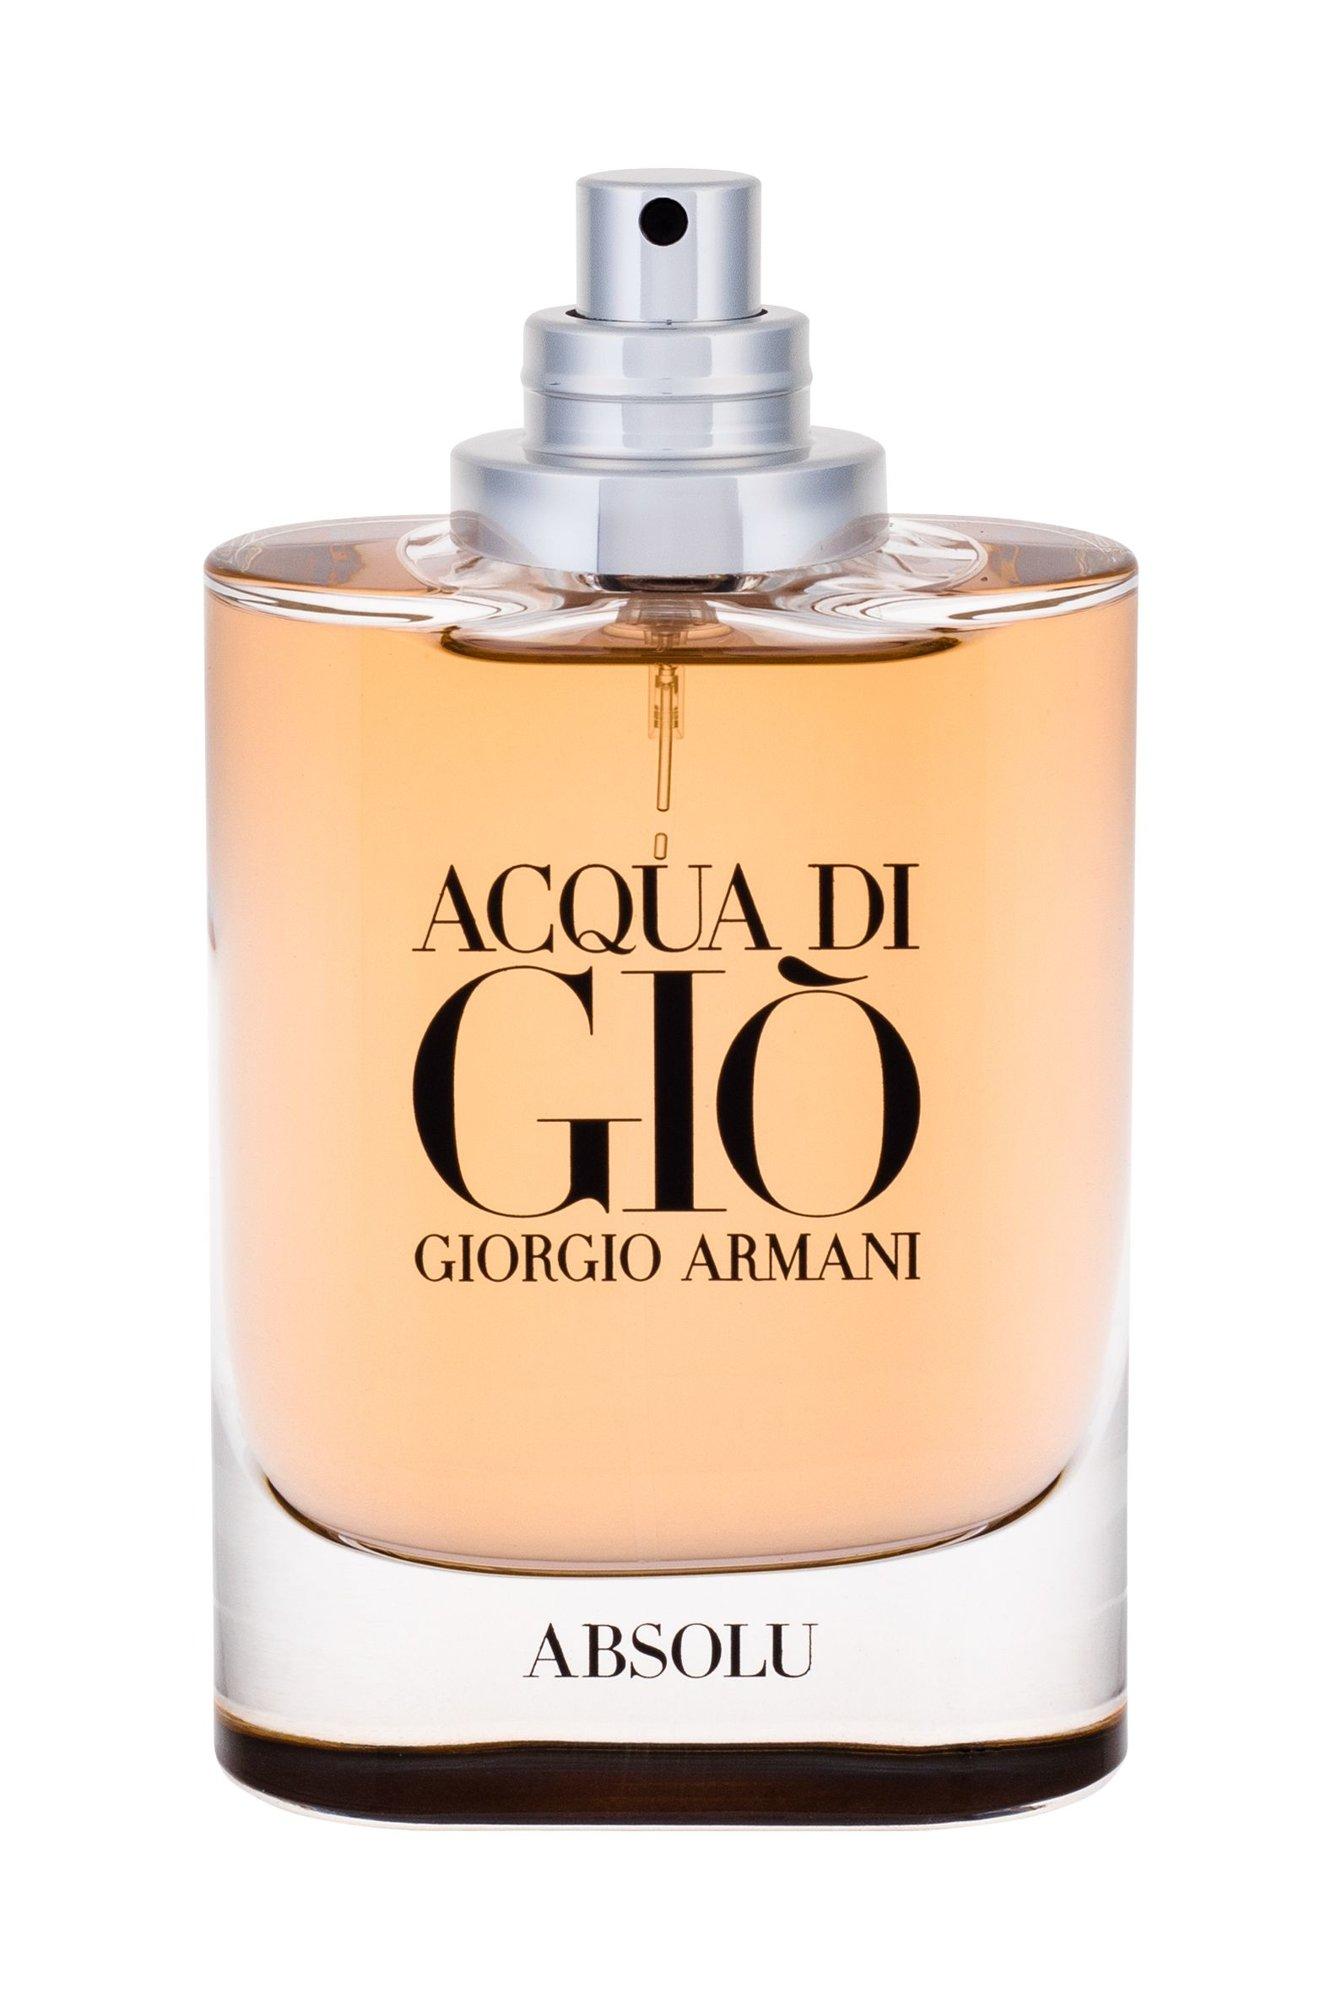 Giorgio Armani Acqua di Gio Eau de Parfum 75ml